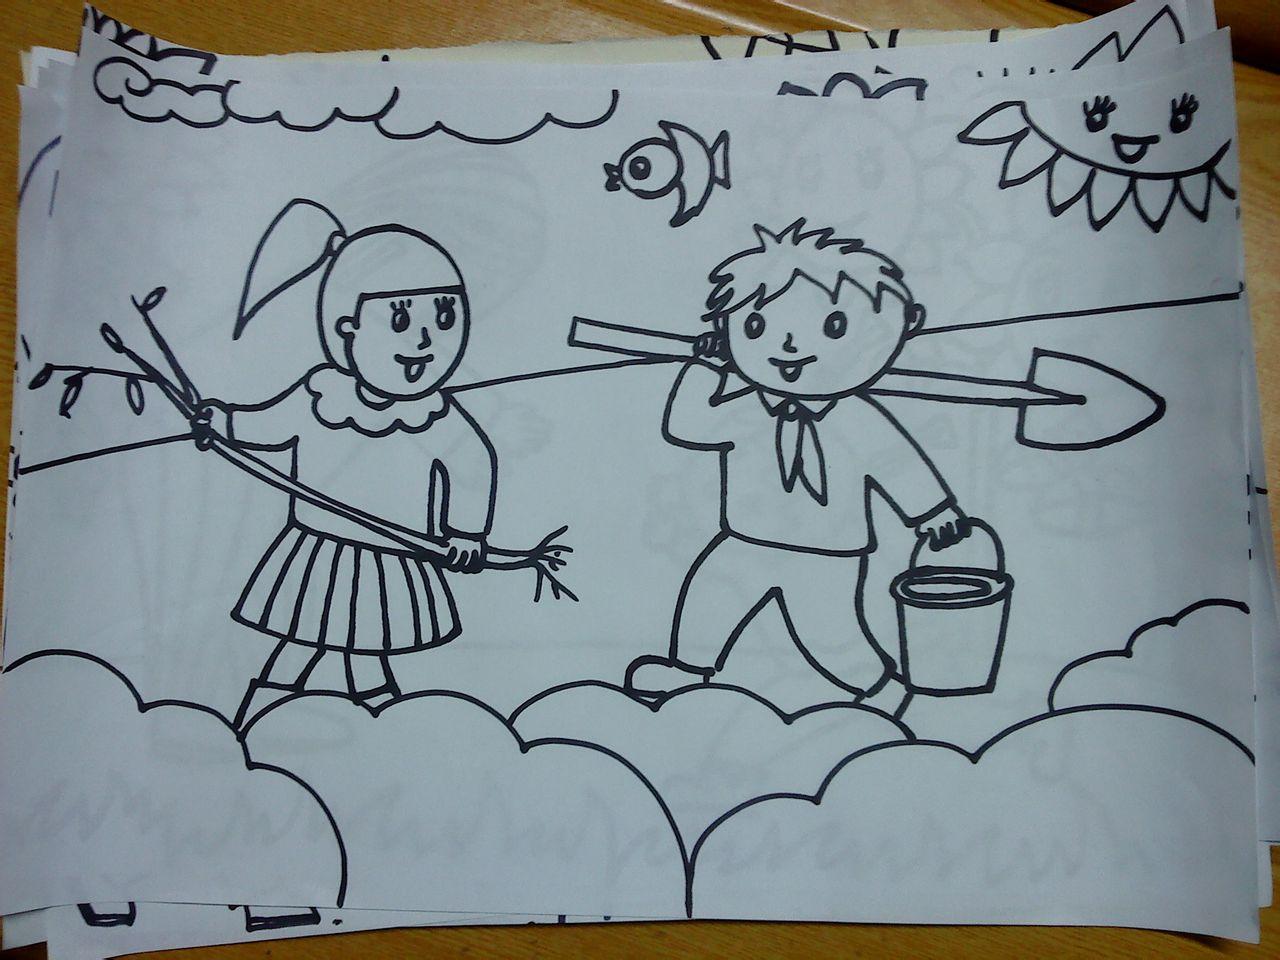 劳动的人简笔画-爱祖国的简笔画大全 跑步的人简笔画 我是劳动小能手图片